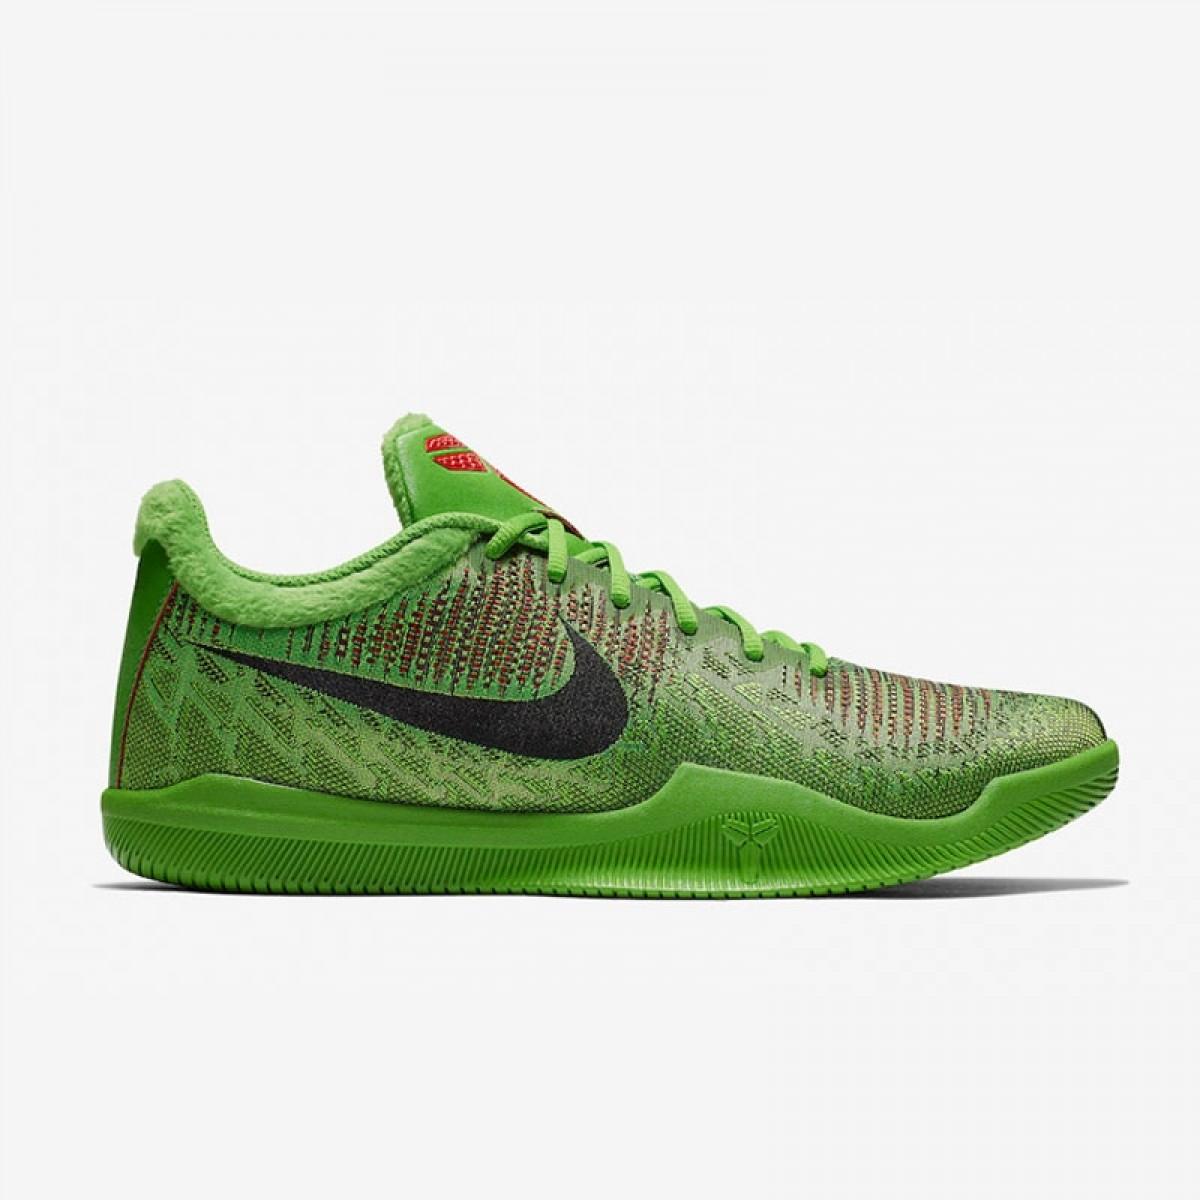 Nike Mamba Rage 'Grinch'